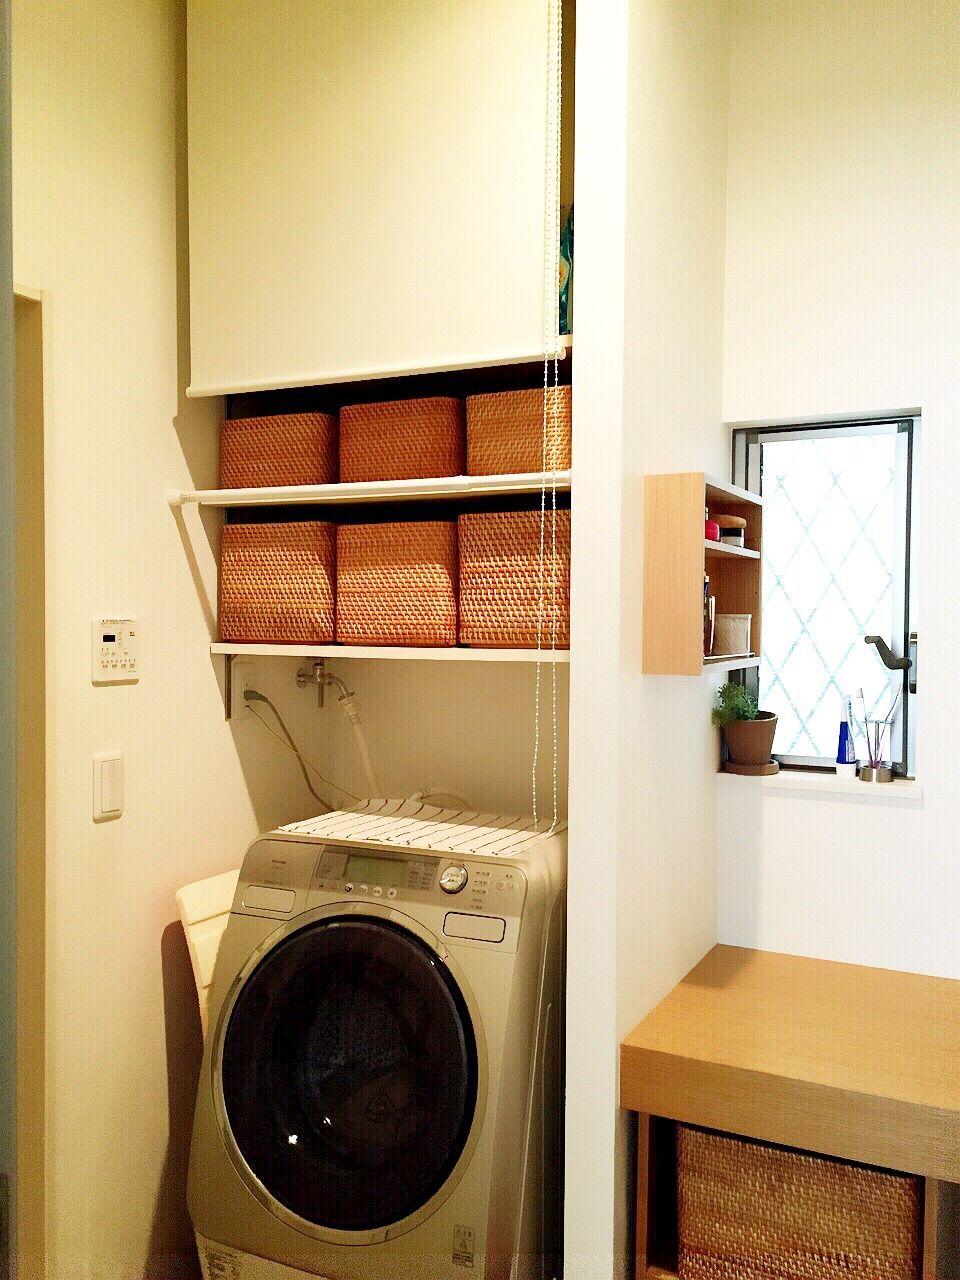 洗面室の全貌公開 収納はやっぱり無印 いちごのうた 楽天ブログ 洗面 洗濯機上 収納 脱衣室 収納